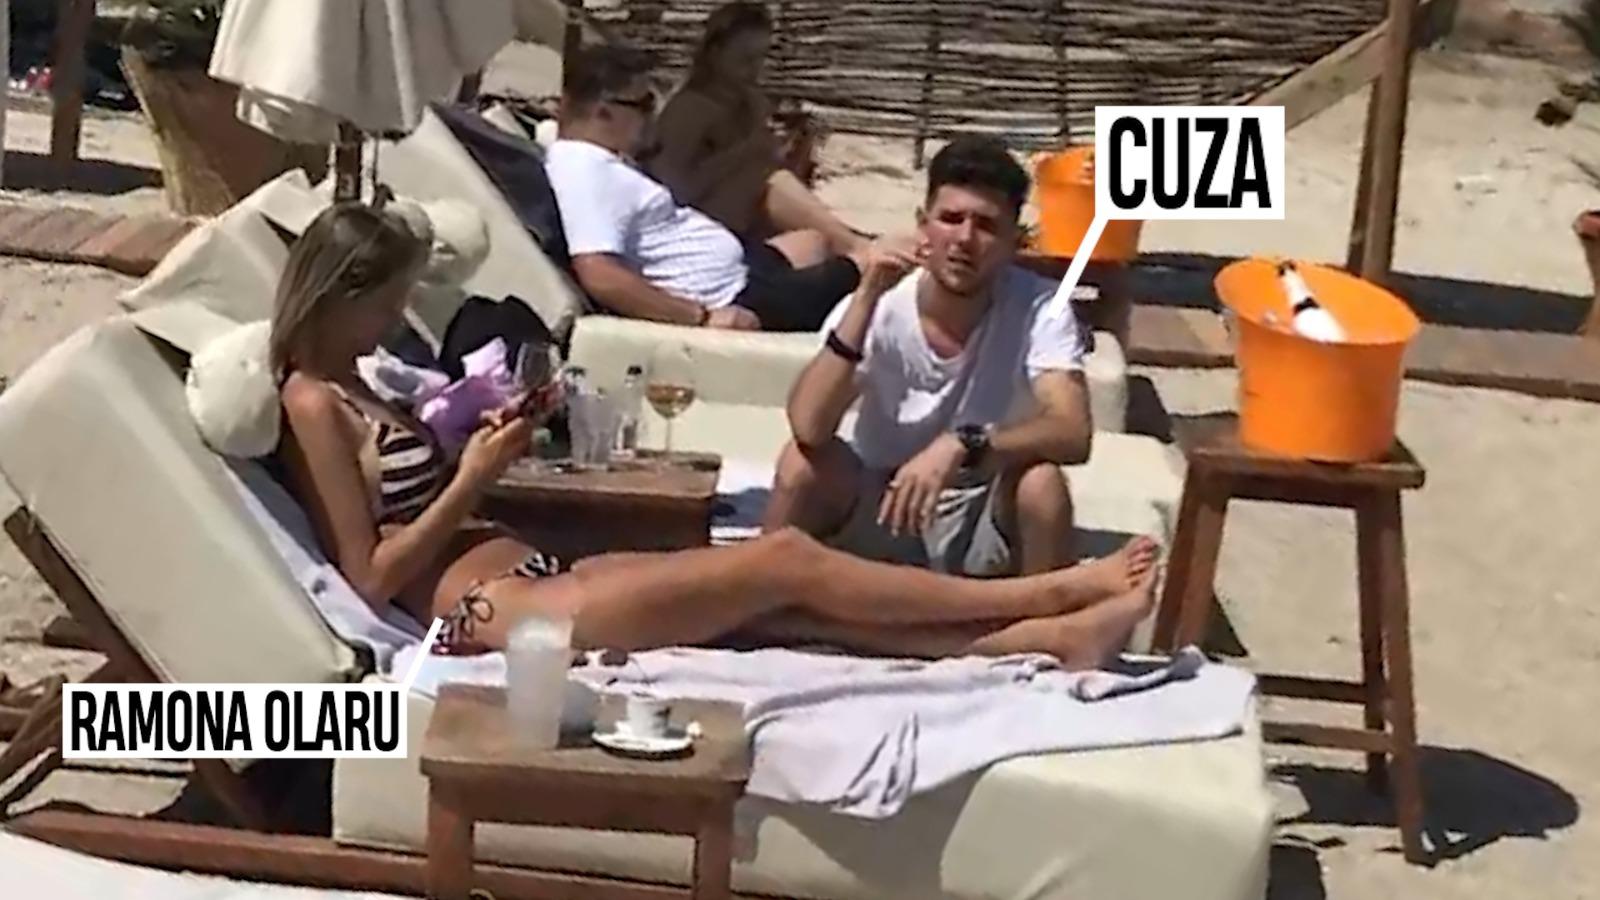 Ramona și Cuza s-au lăsați răsfățați de soare, pe plaja din Mamaia